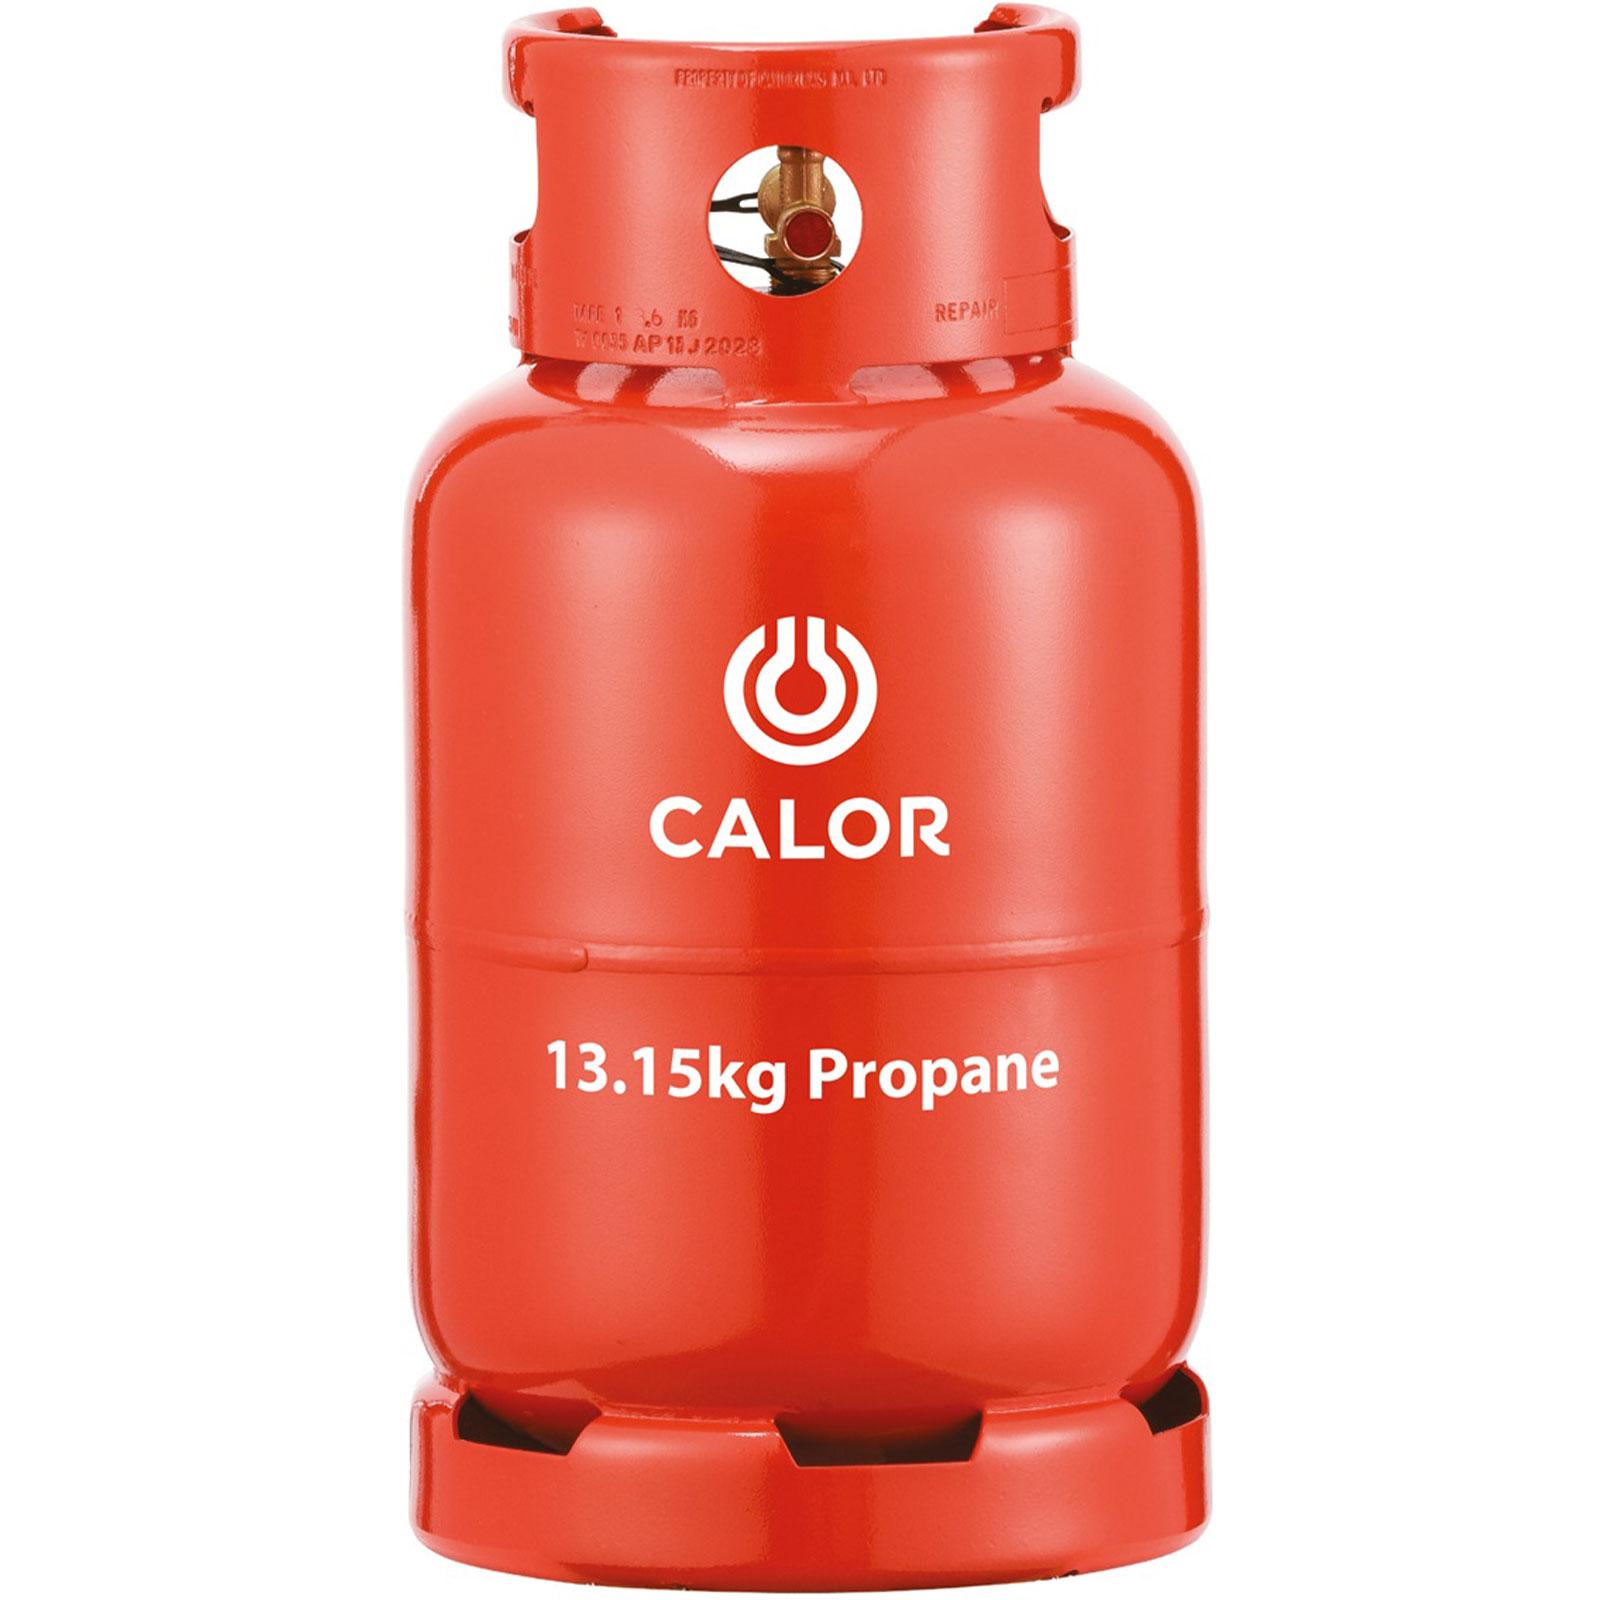 Calor gas 13kg